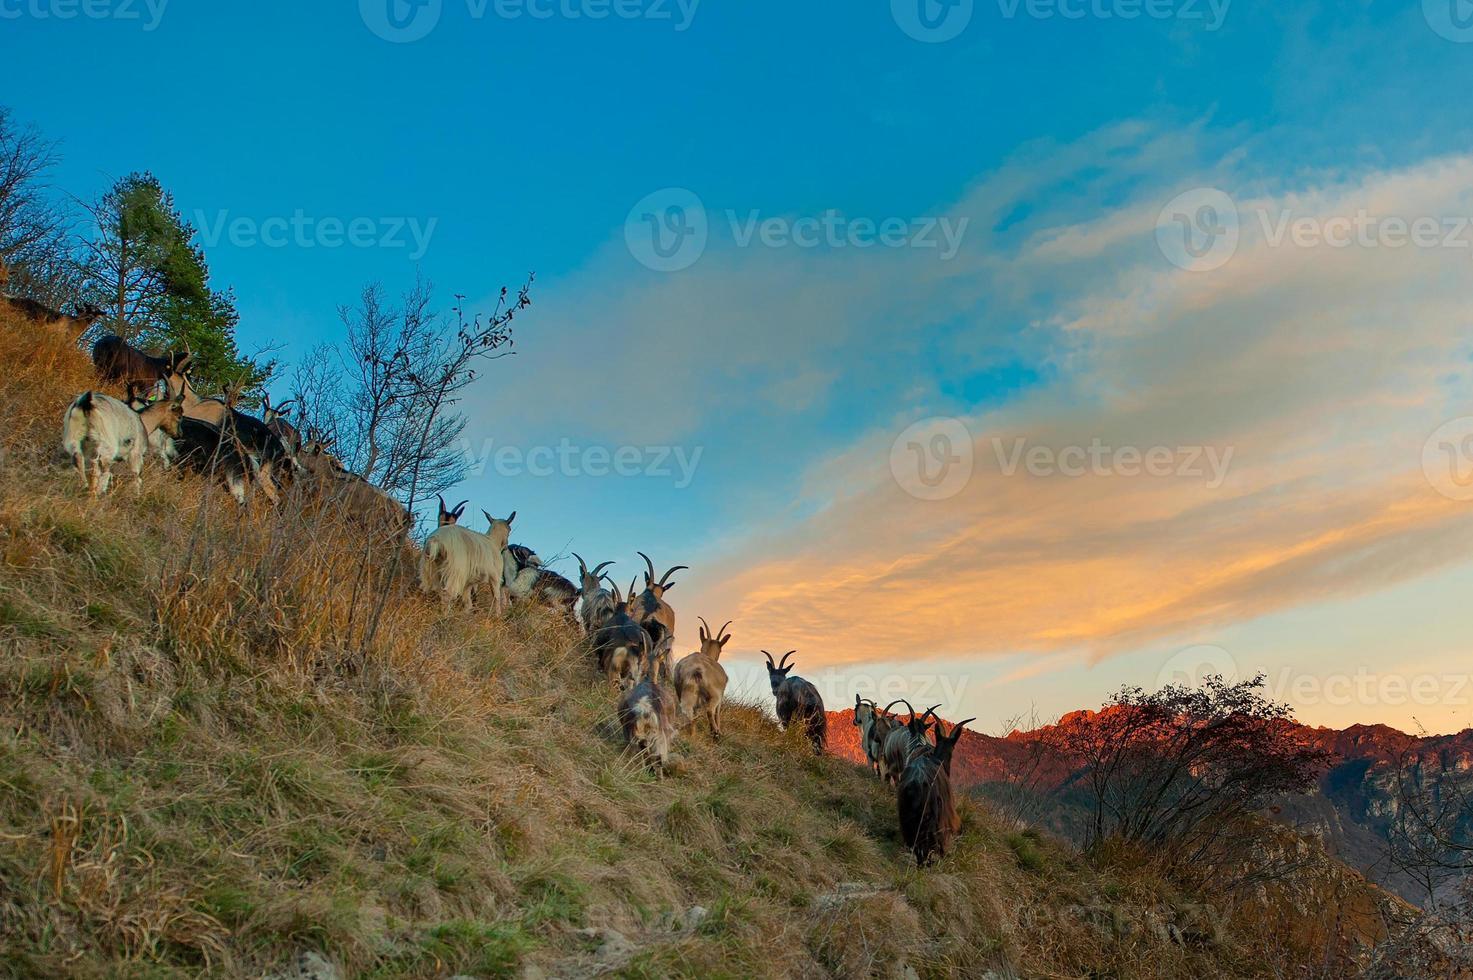 capre di montagna nell'ultima luce del giorno foto